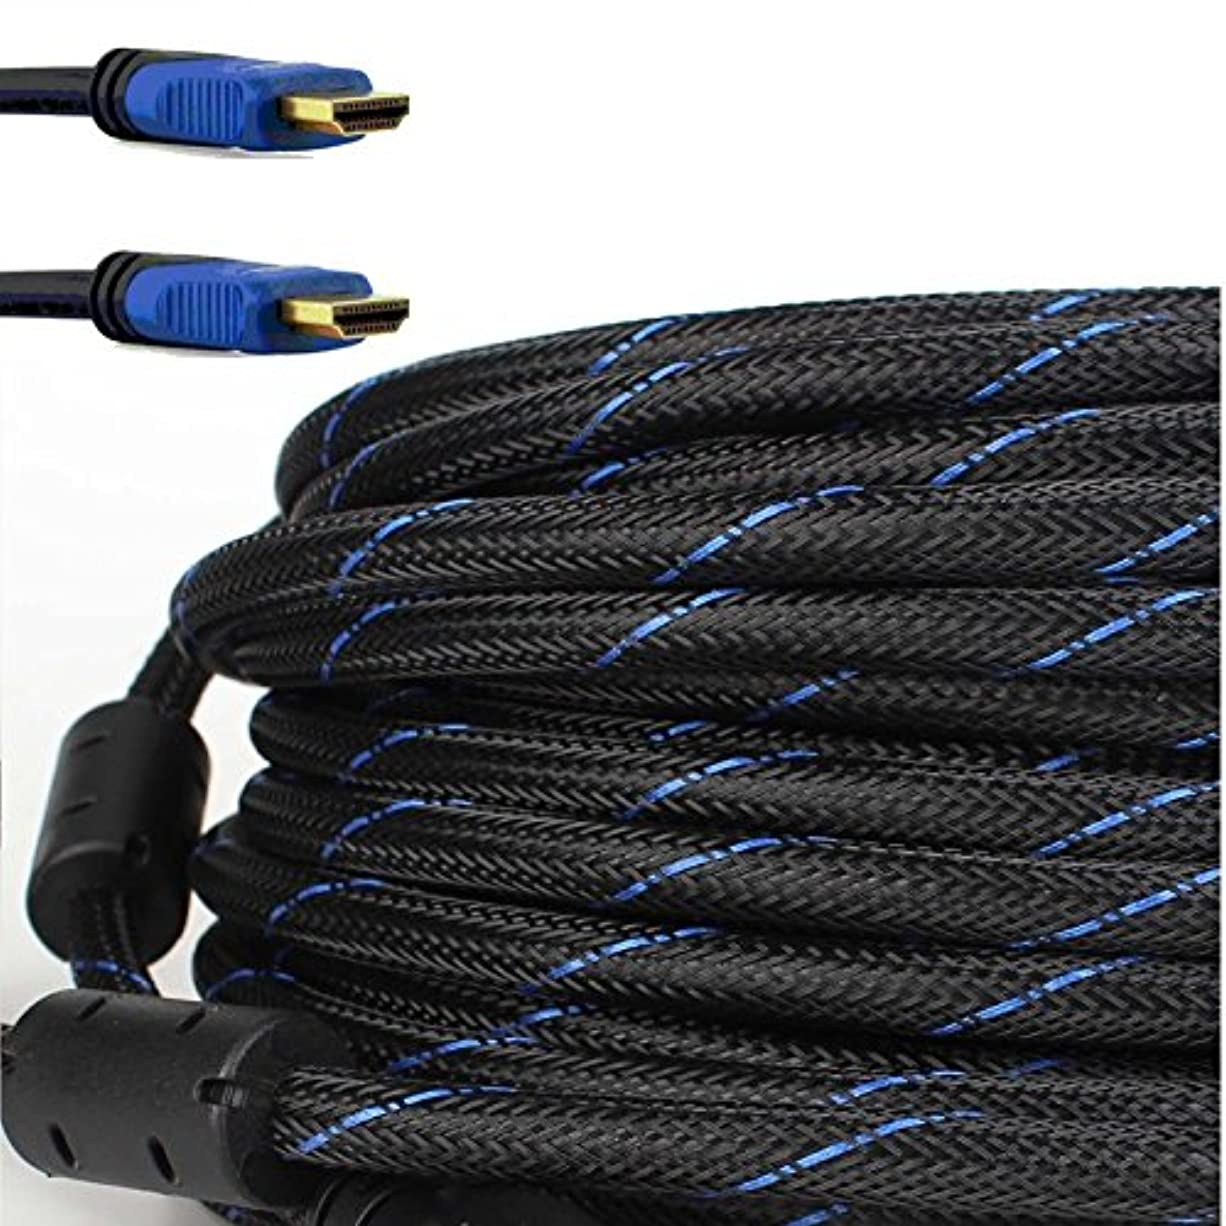 変換速度とティームcablevantage HDMIケーブル25フィート、v1 . 4超速度サポートイーサネットオーディオリターン(Arc 3d HD 1080p)、帯域幅最大18 Gbps、準備、25 ft編組ナイロンケーブルコードゴールドメッキブルー